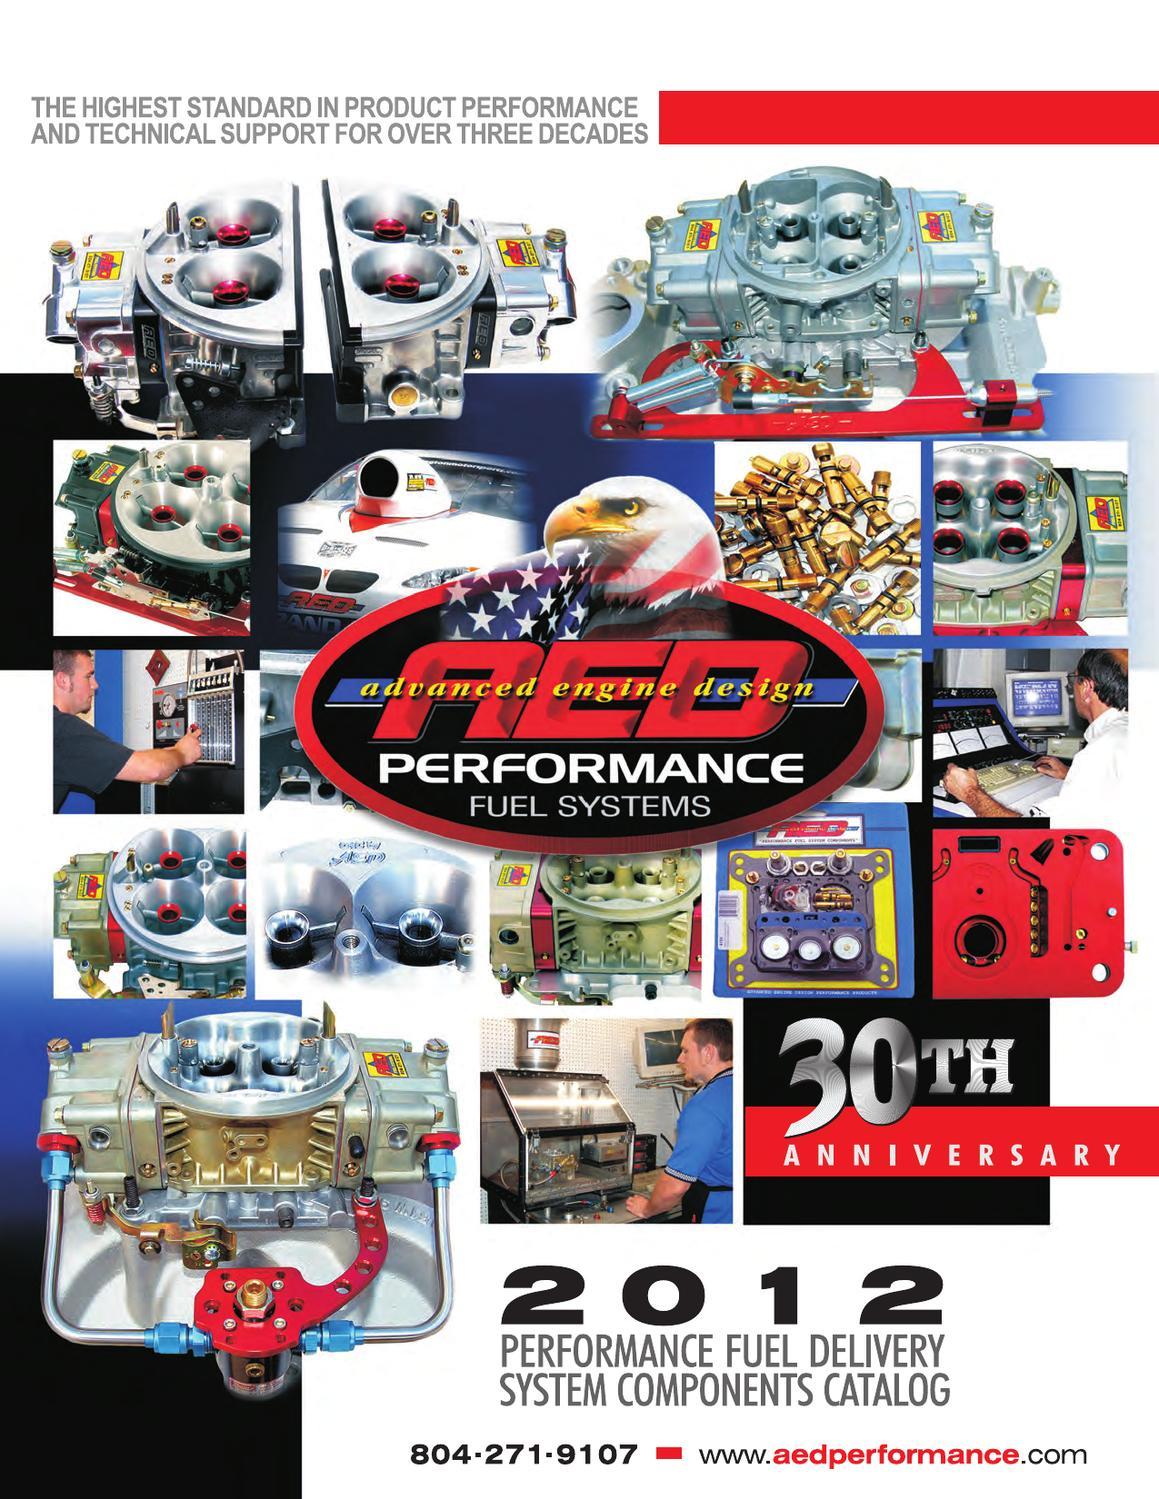 Advanced Engine Design 5350 Carburetor Float Side Hung Holley 4160 Carburetors